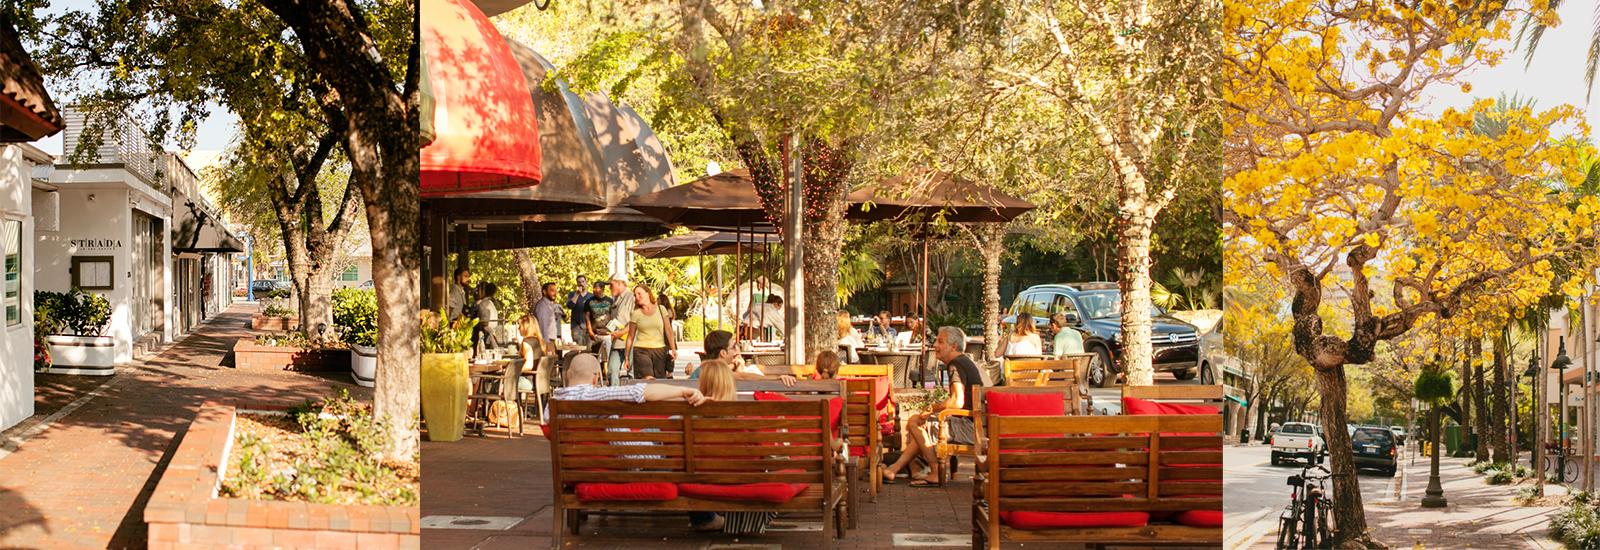 Coconut Grove tem ruas arborizadas e charmosas